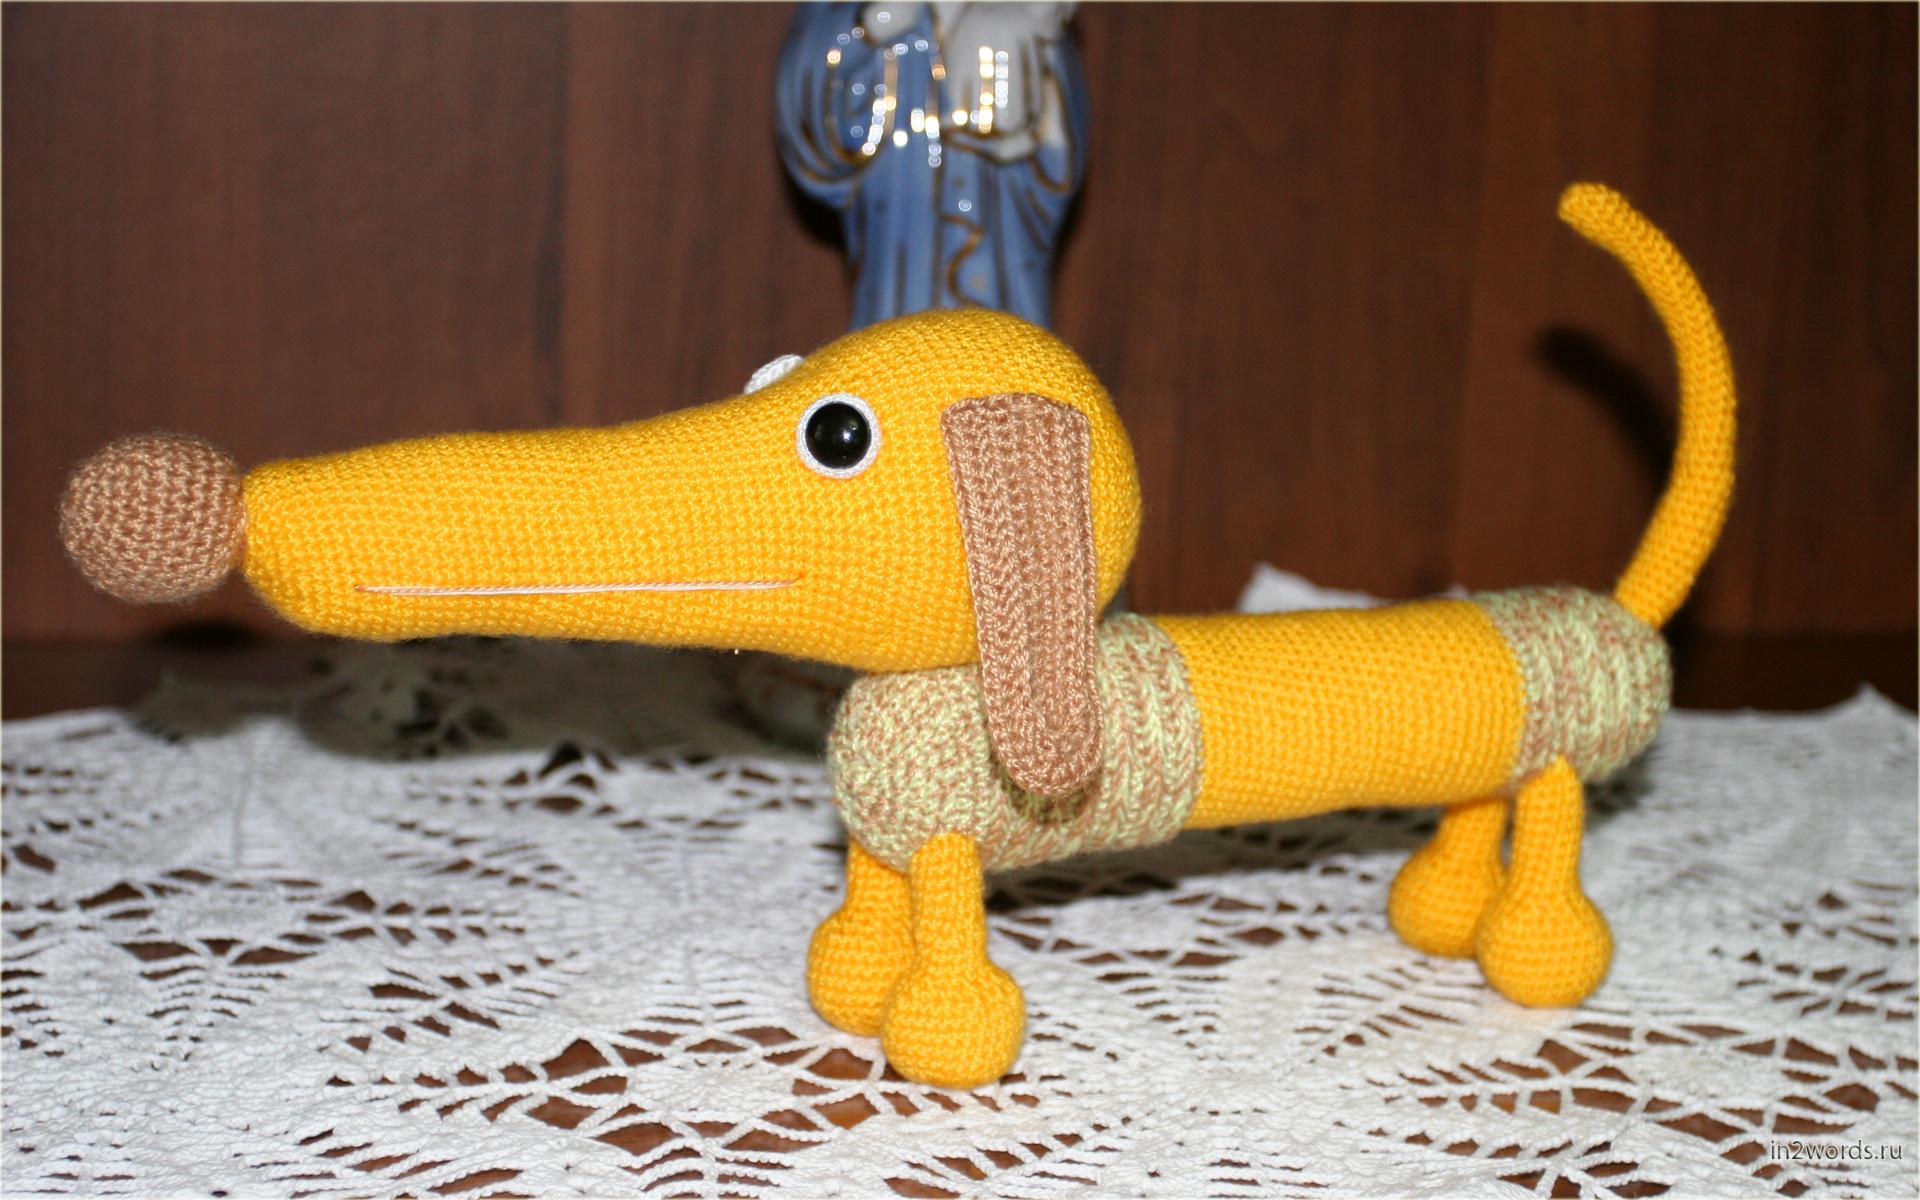 Такса handmade. Вязание крючком. Искусство Амигуруми.